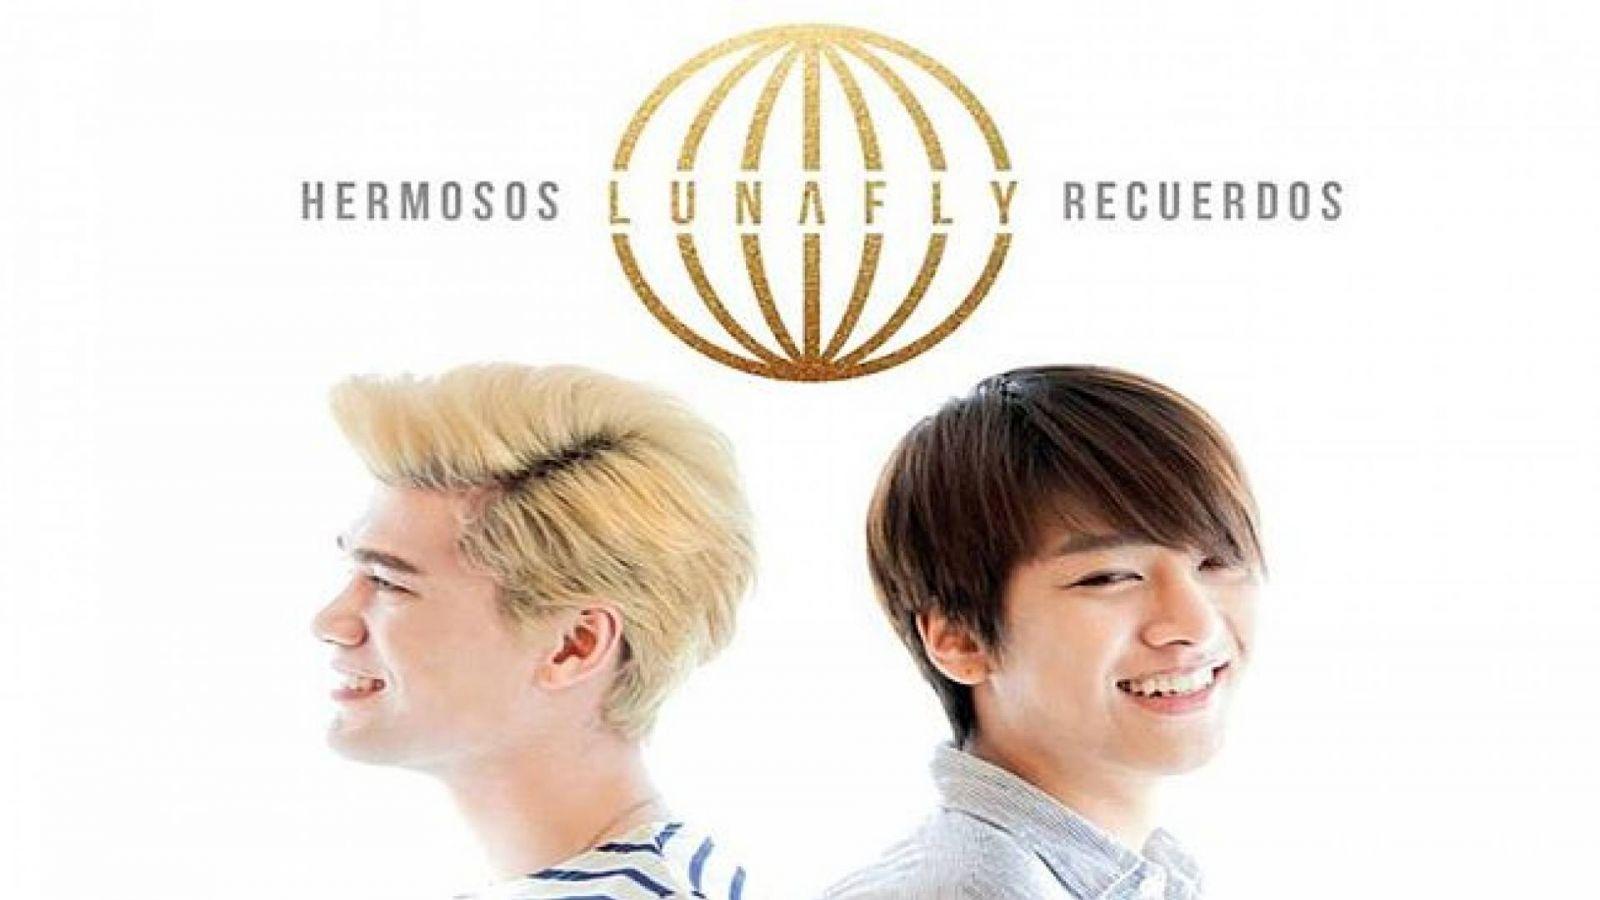 LUNAFLY lançará álbum em espanhol © LUNAFLY Official Facebook Page